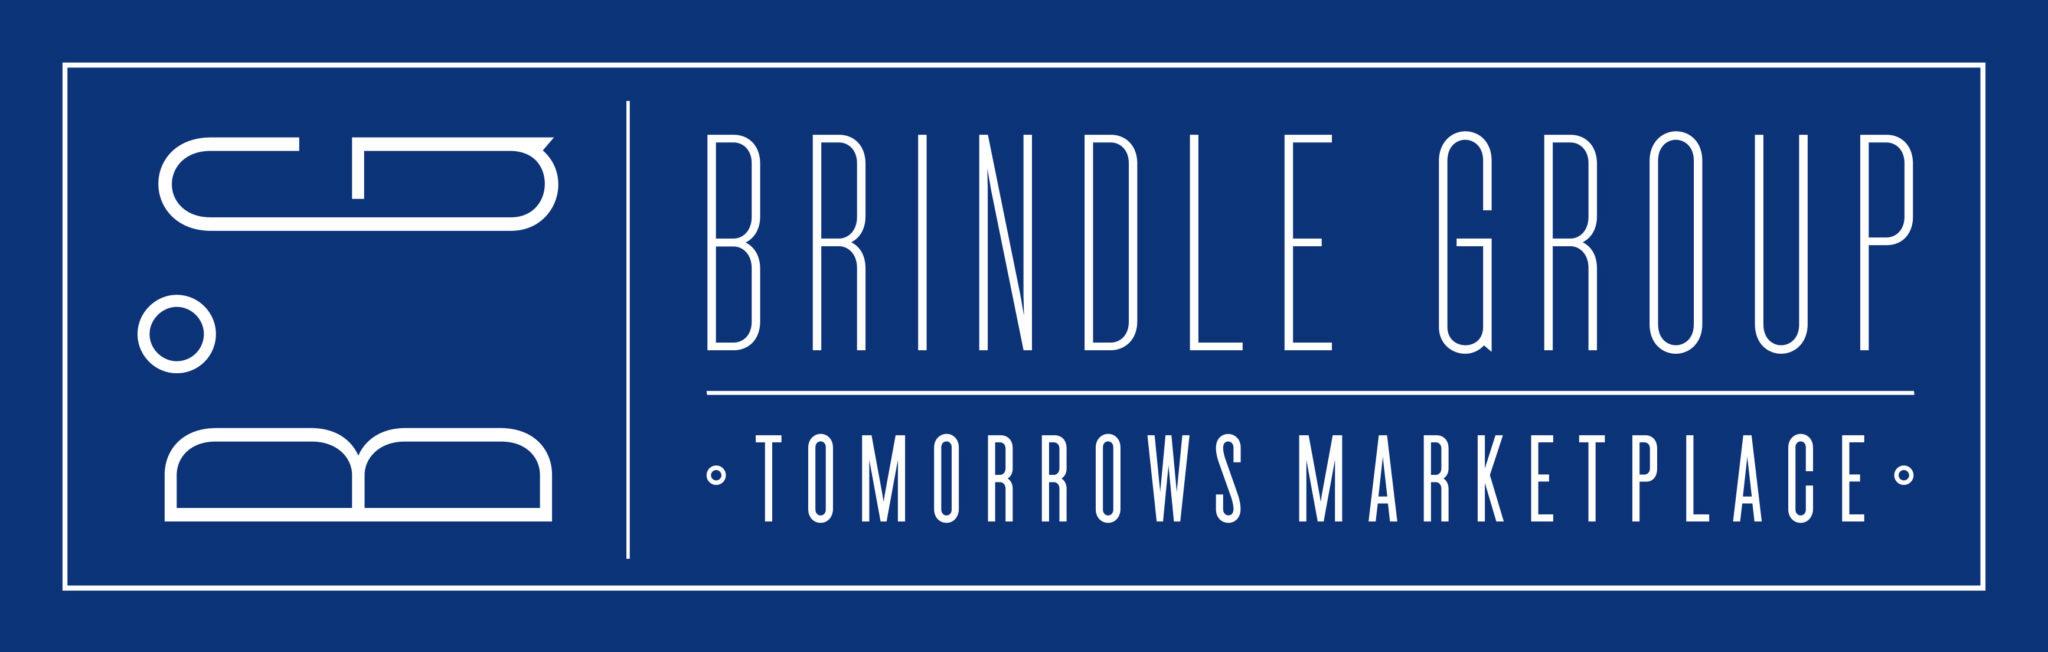 Brindle Group